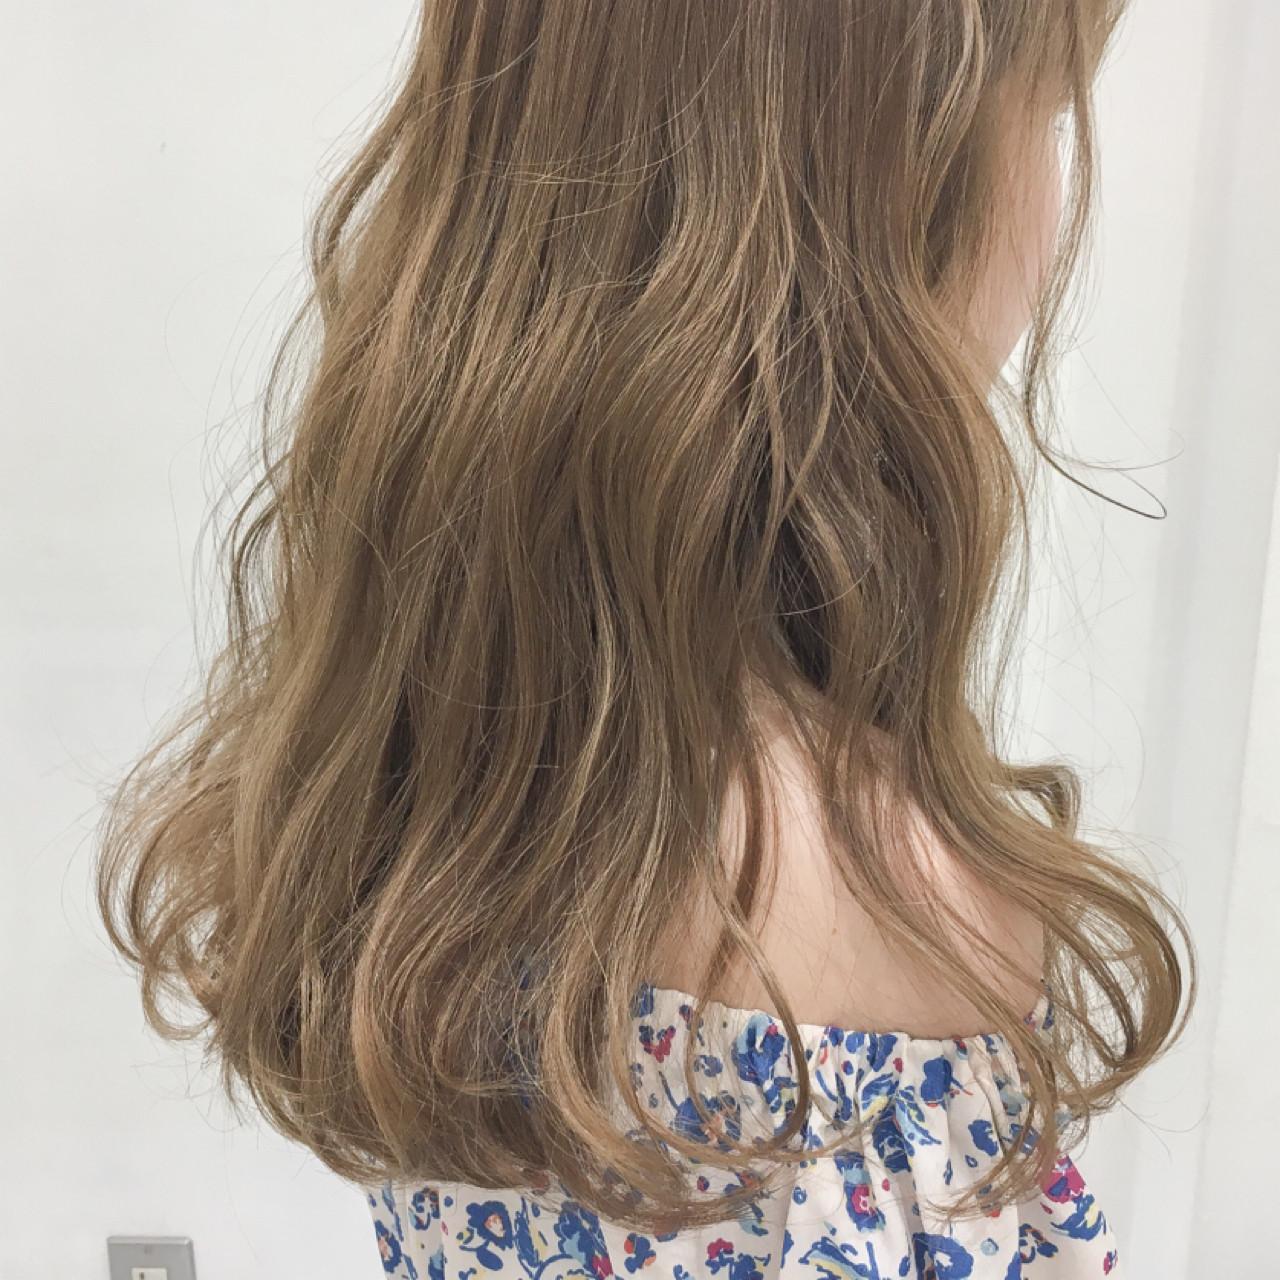 グレージュ ヌーディーベージュ アッシュ 外国人風カラー ヘアスタイルや髪型の写真・画像 | 齊藤 禎 / AUBE hair gran